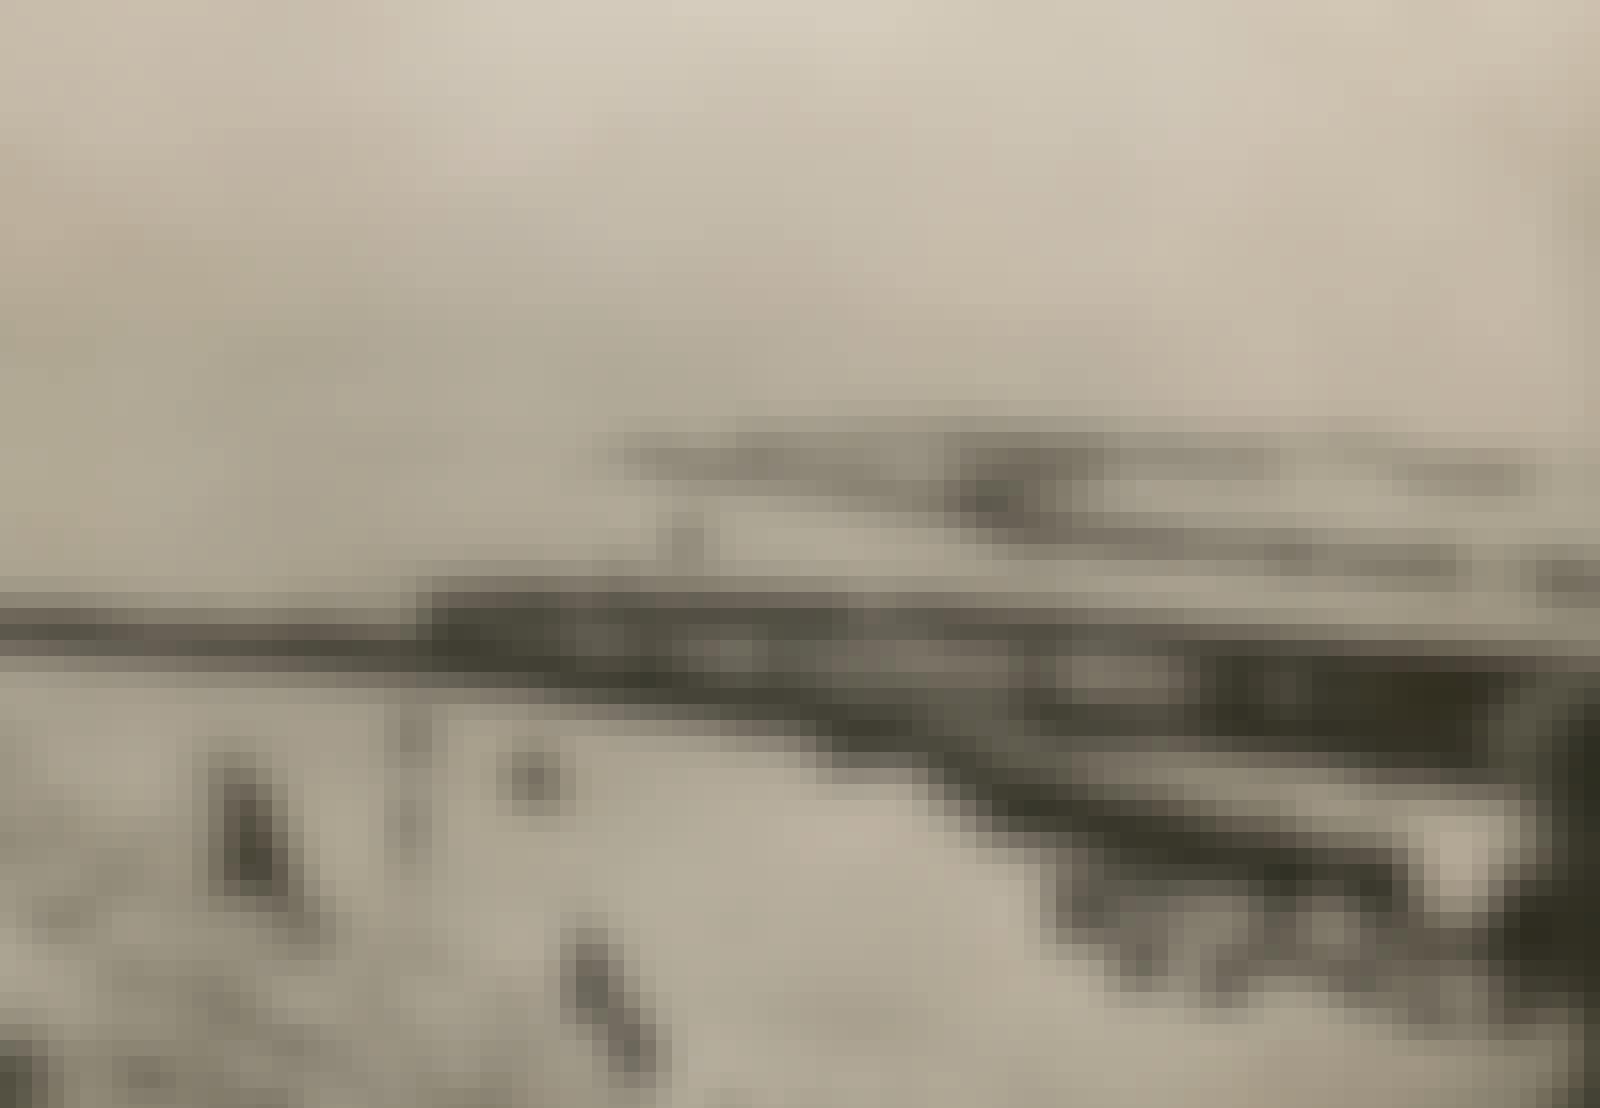 Slaget ved Dunkirk under 2. verdenskrig